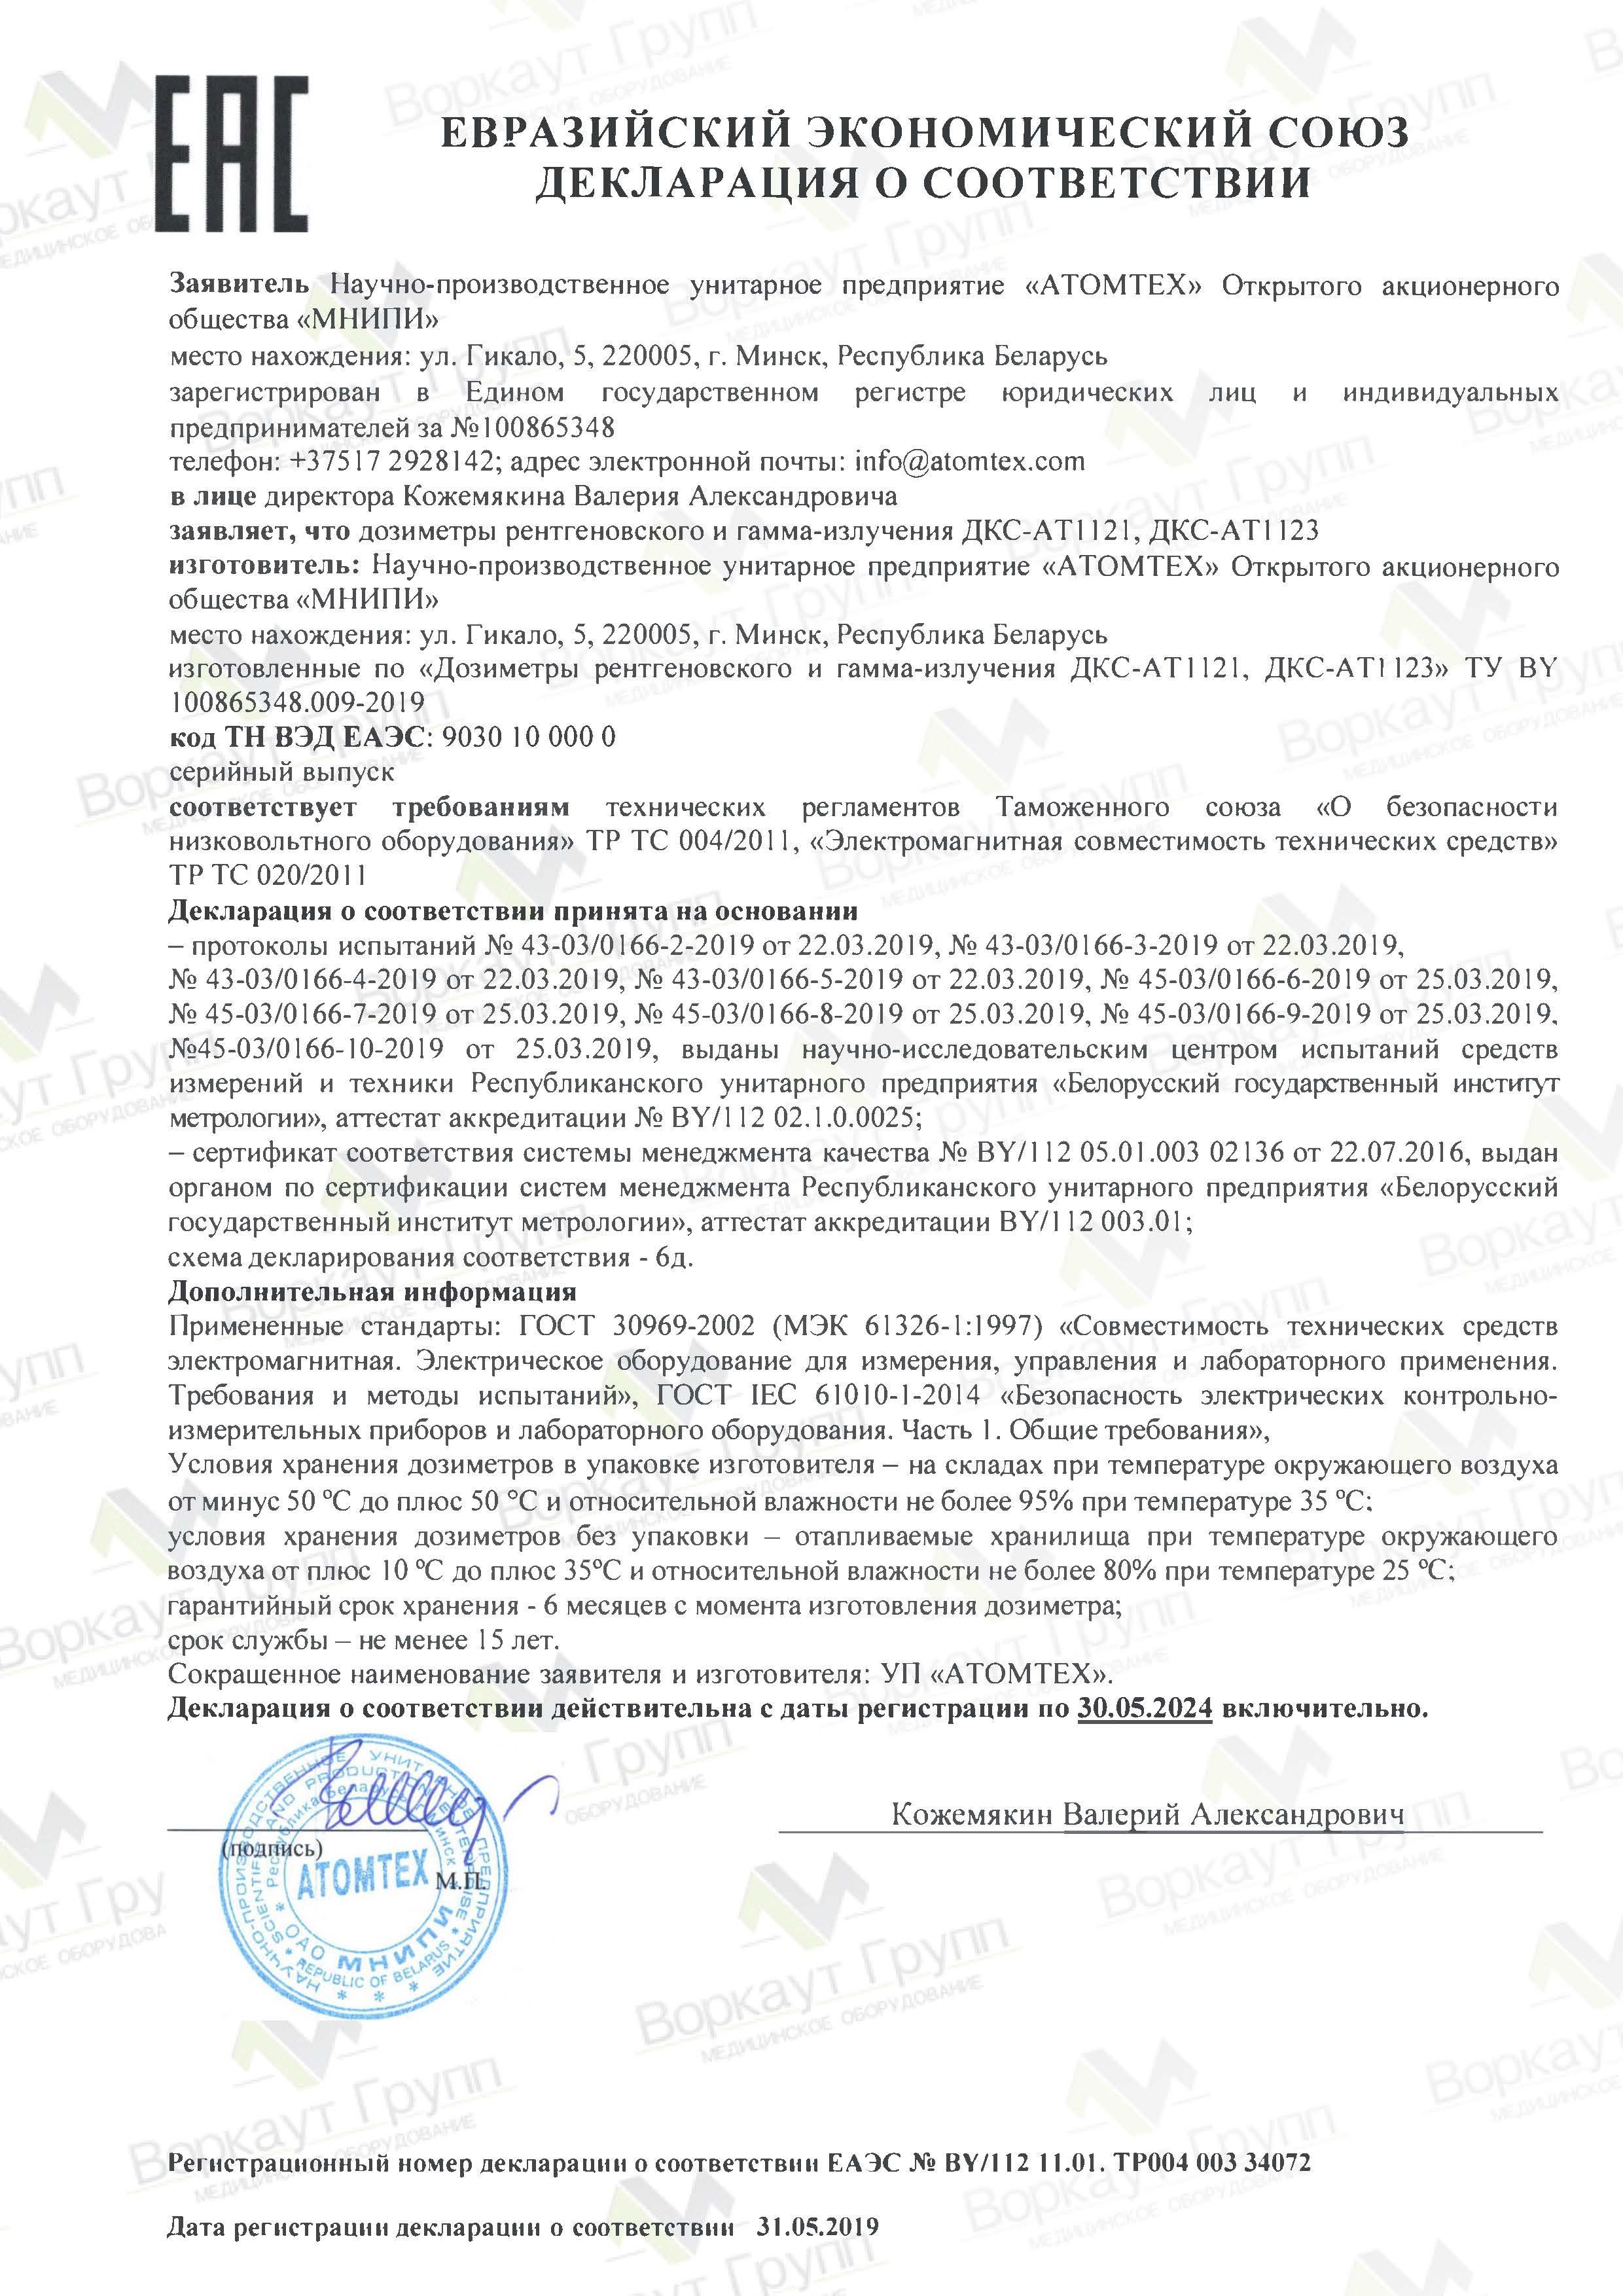 EAC Сертификат для Дозиметров ДКС-АТ1121 и ДКС-АТ1123